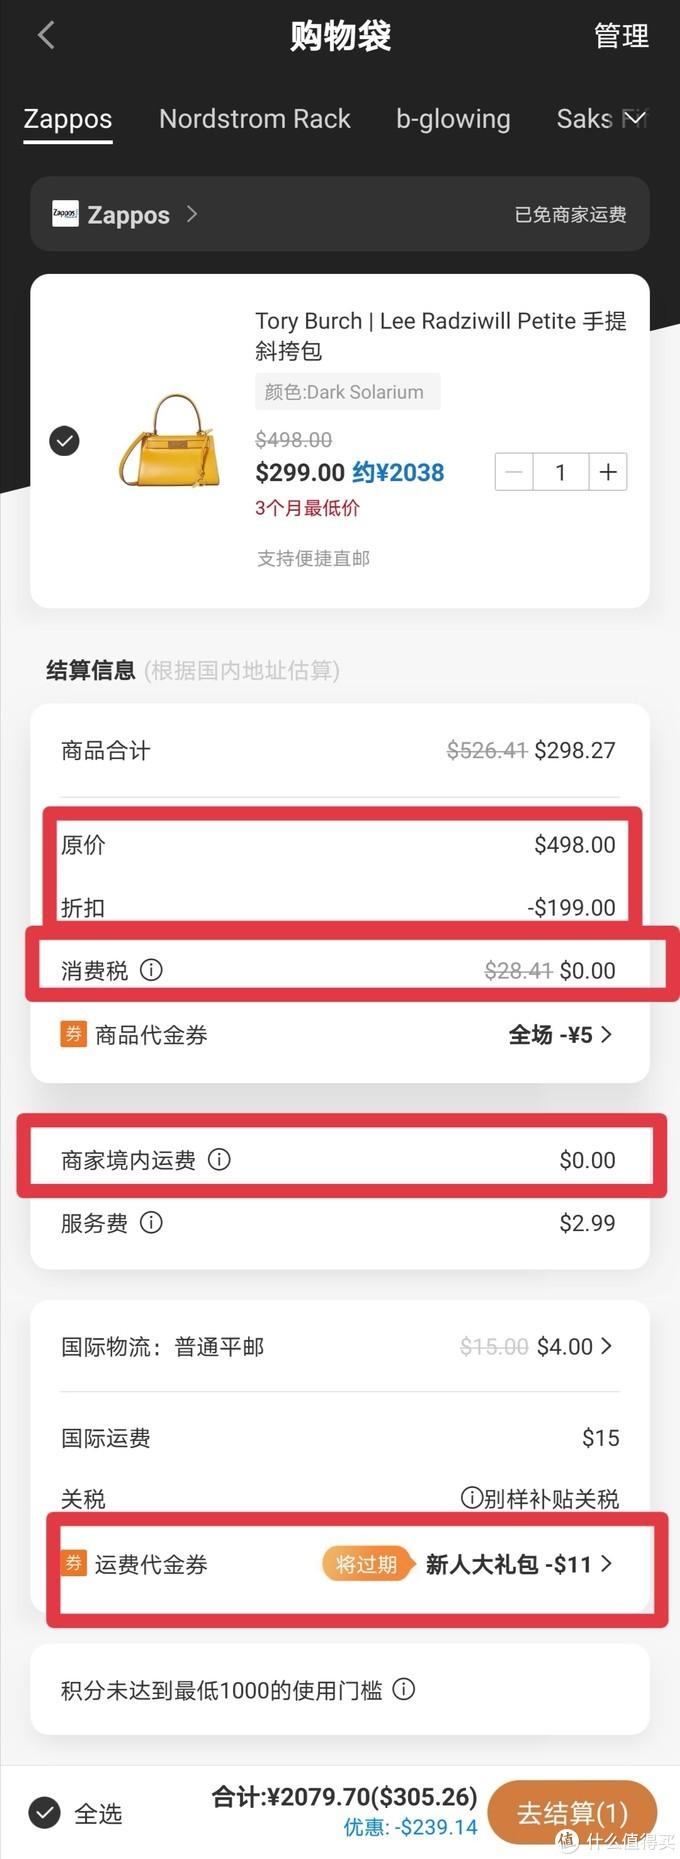 别样海外购!买包包用它就对了!大牌一折起!全中文!清单公布!